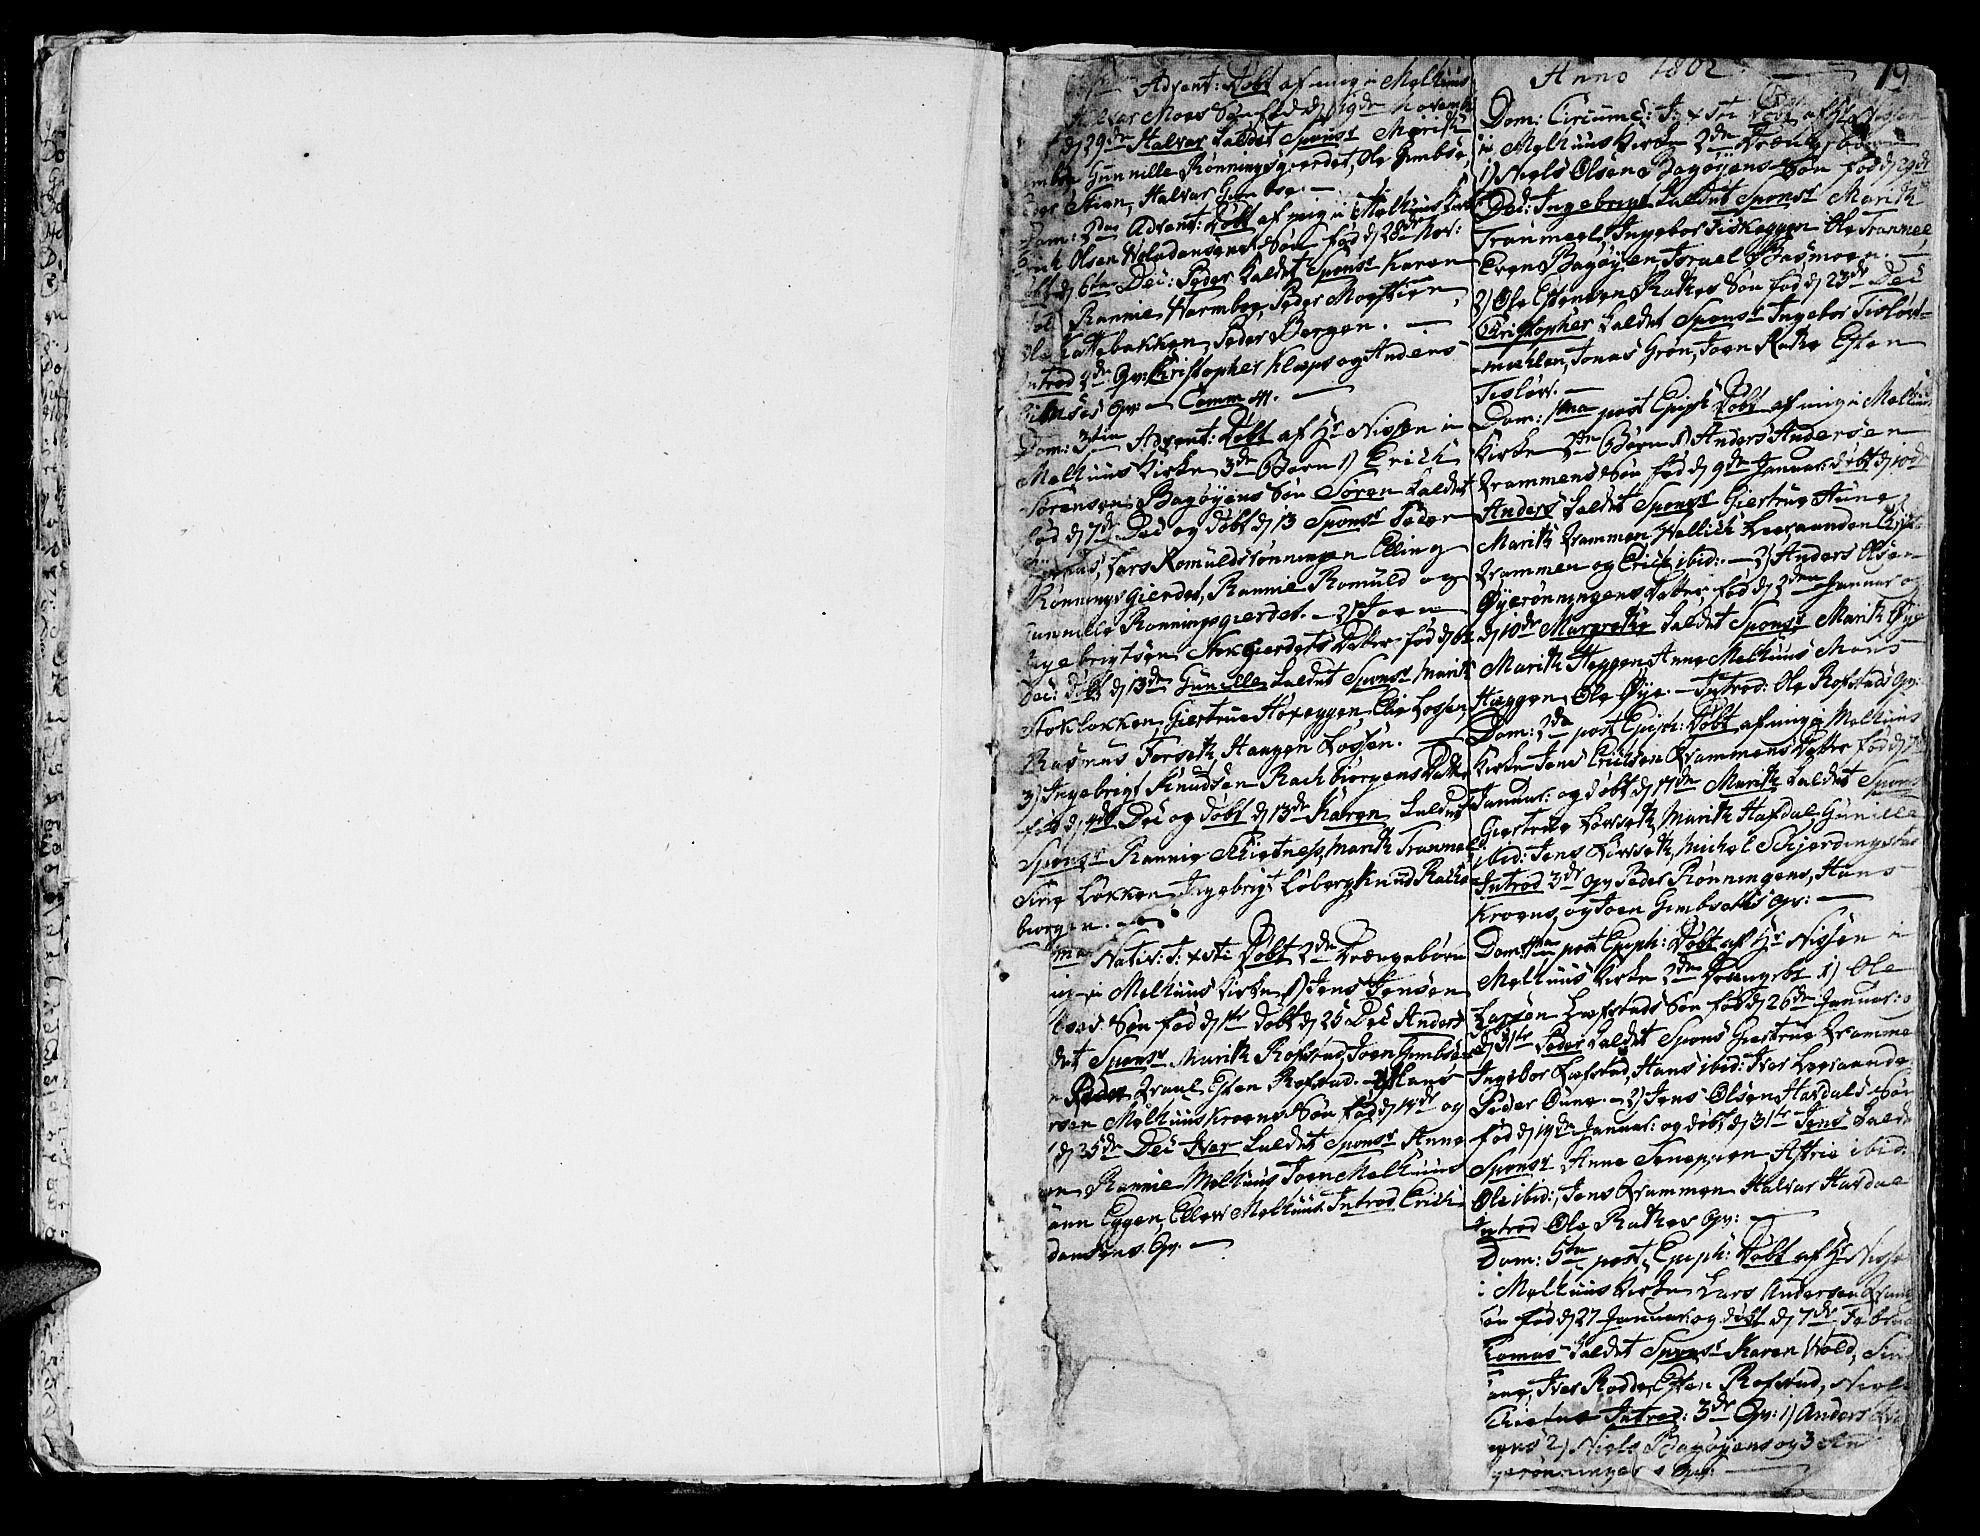 SAT, Ministerialprotokoller, klokkerbøker og fødselsregistre - Sør-Trøndelag, 691/L1061: Ministerialbok nr. 691A02 /1, 1768-1815, s. 19